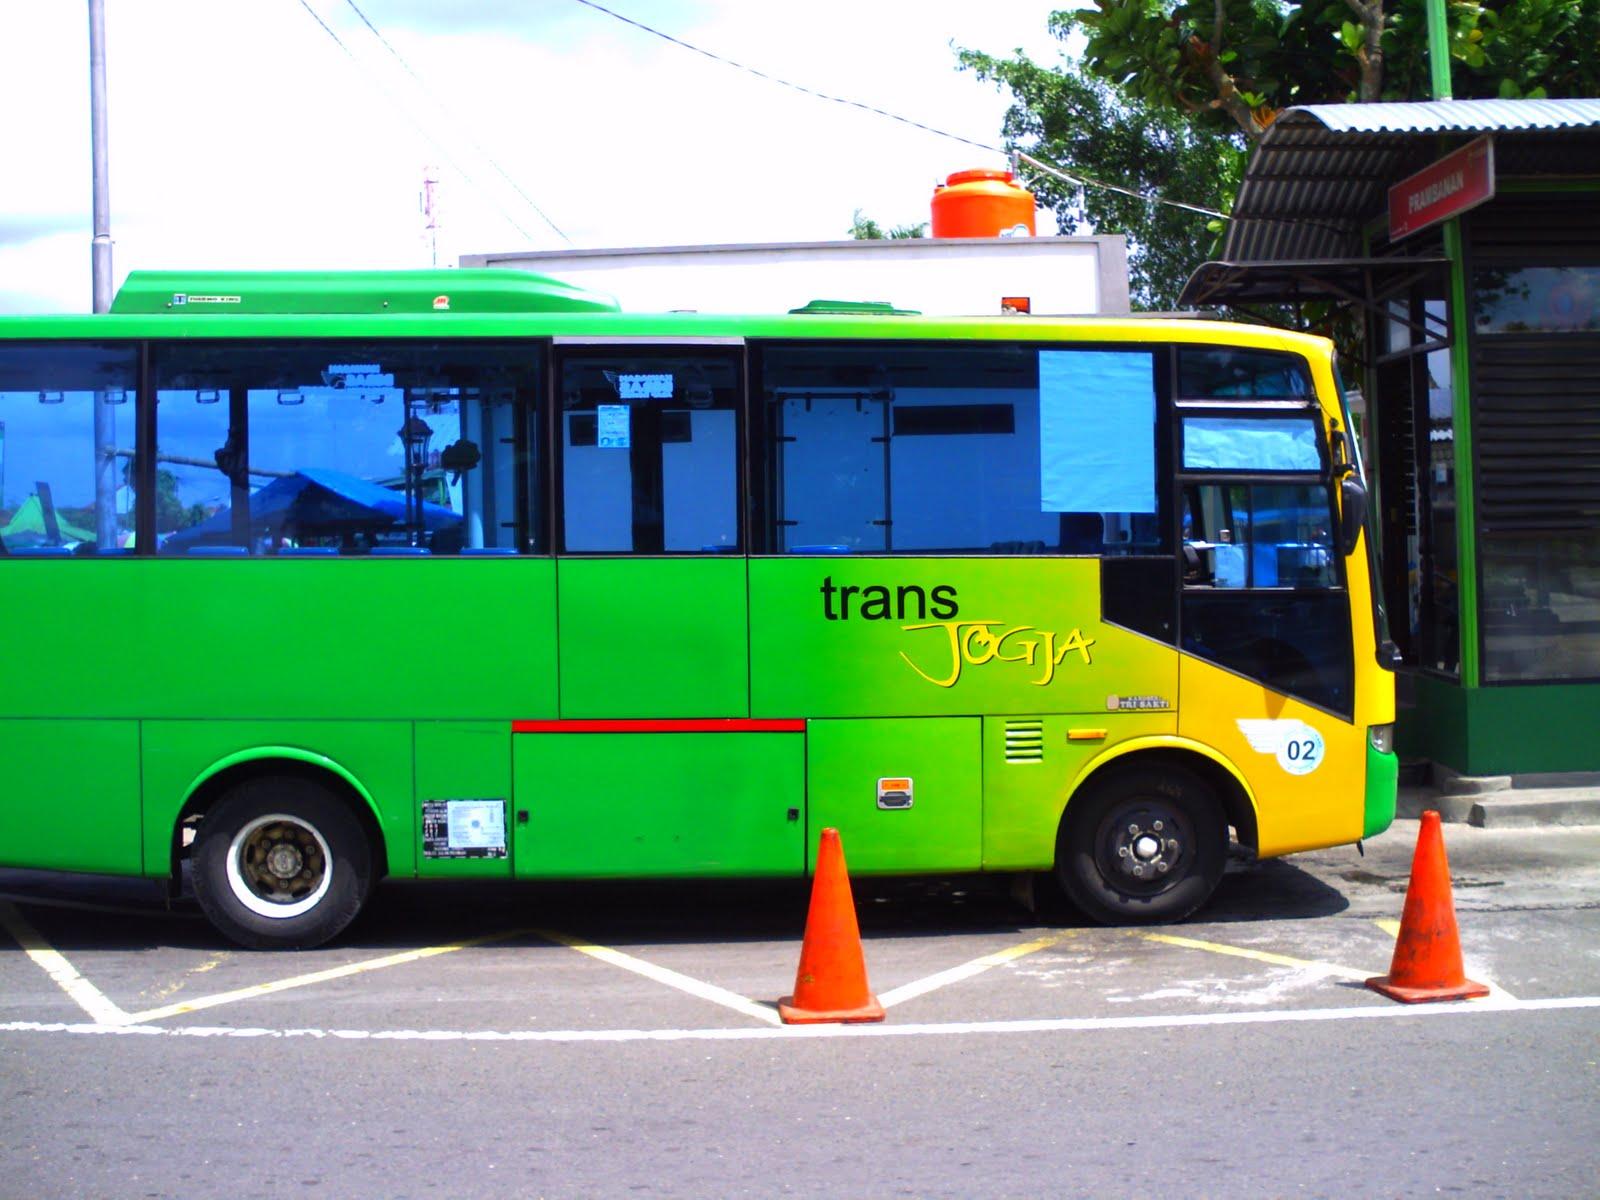 Tempat-tempat Menarik di Jogja yang Bisa Dicapai Menggunakan Trans Jogja